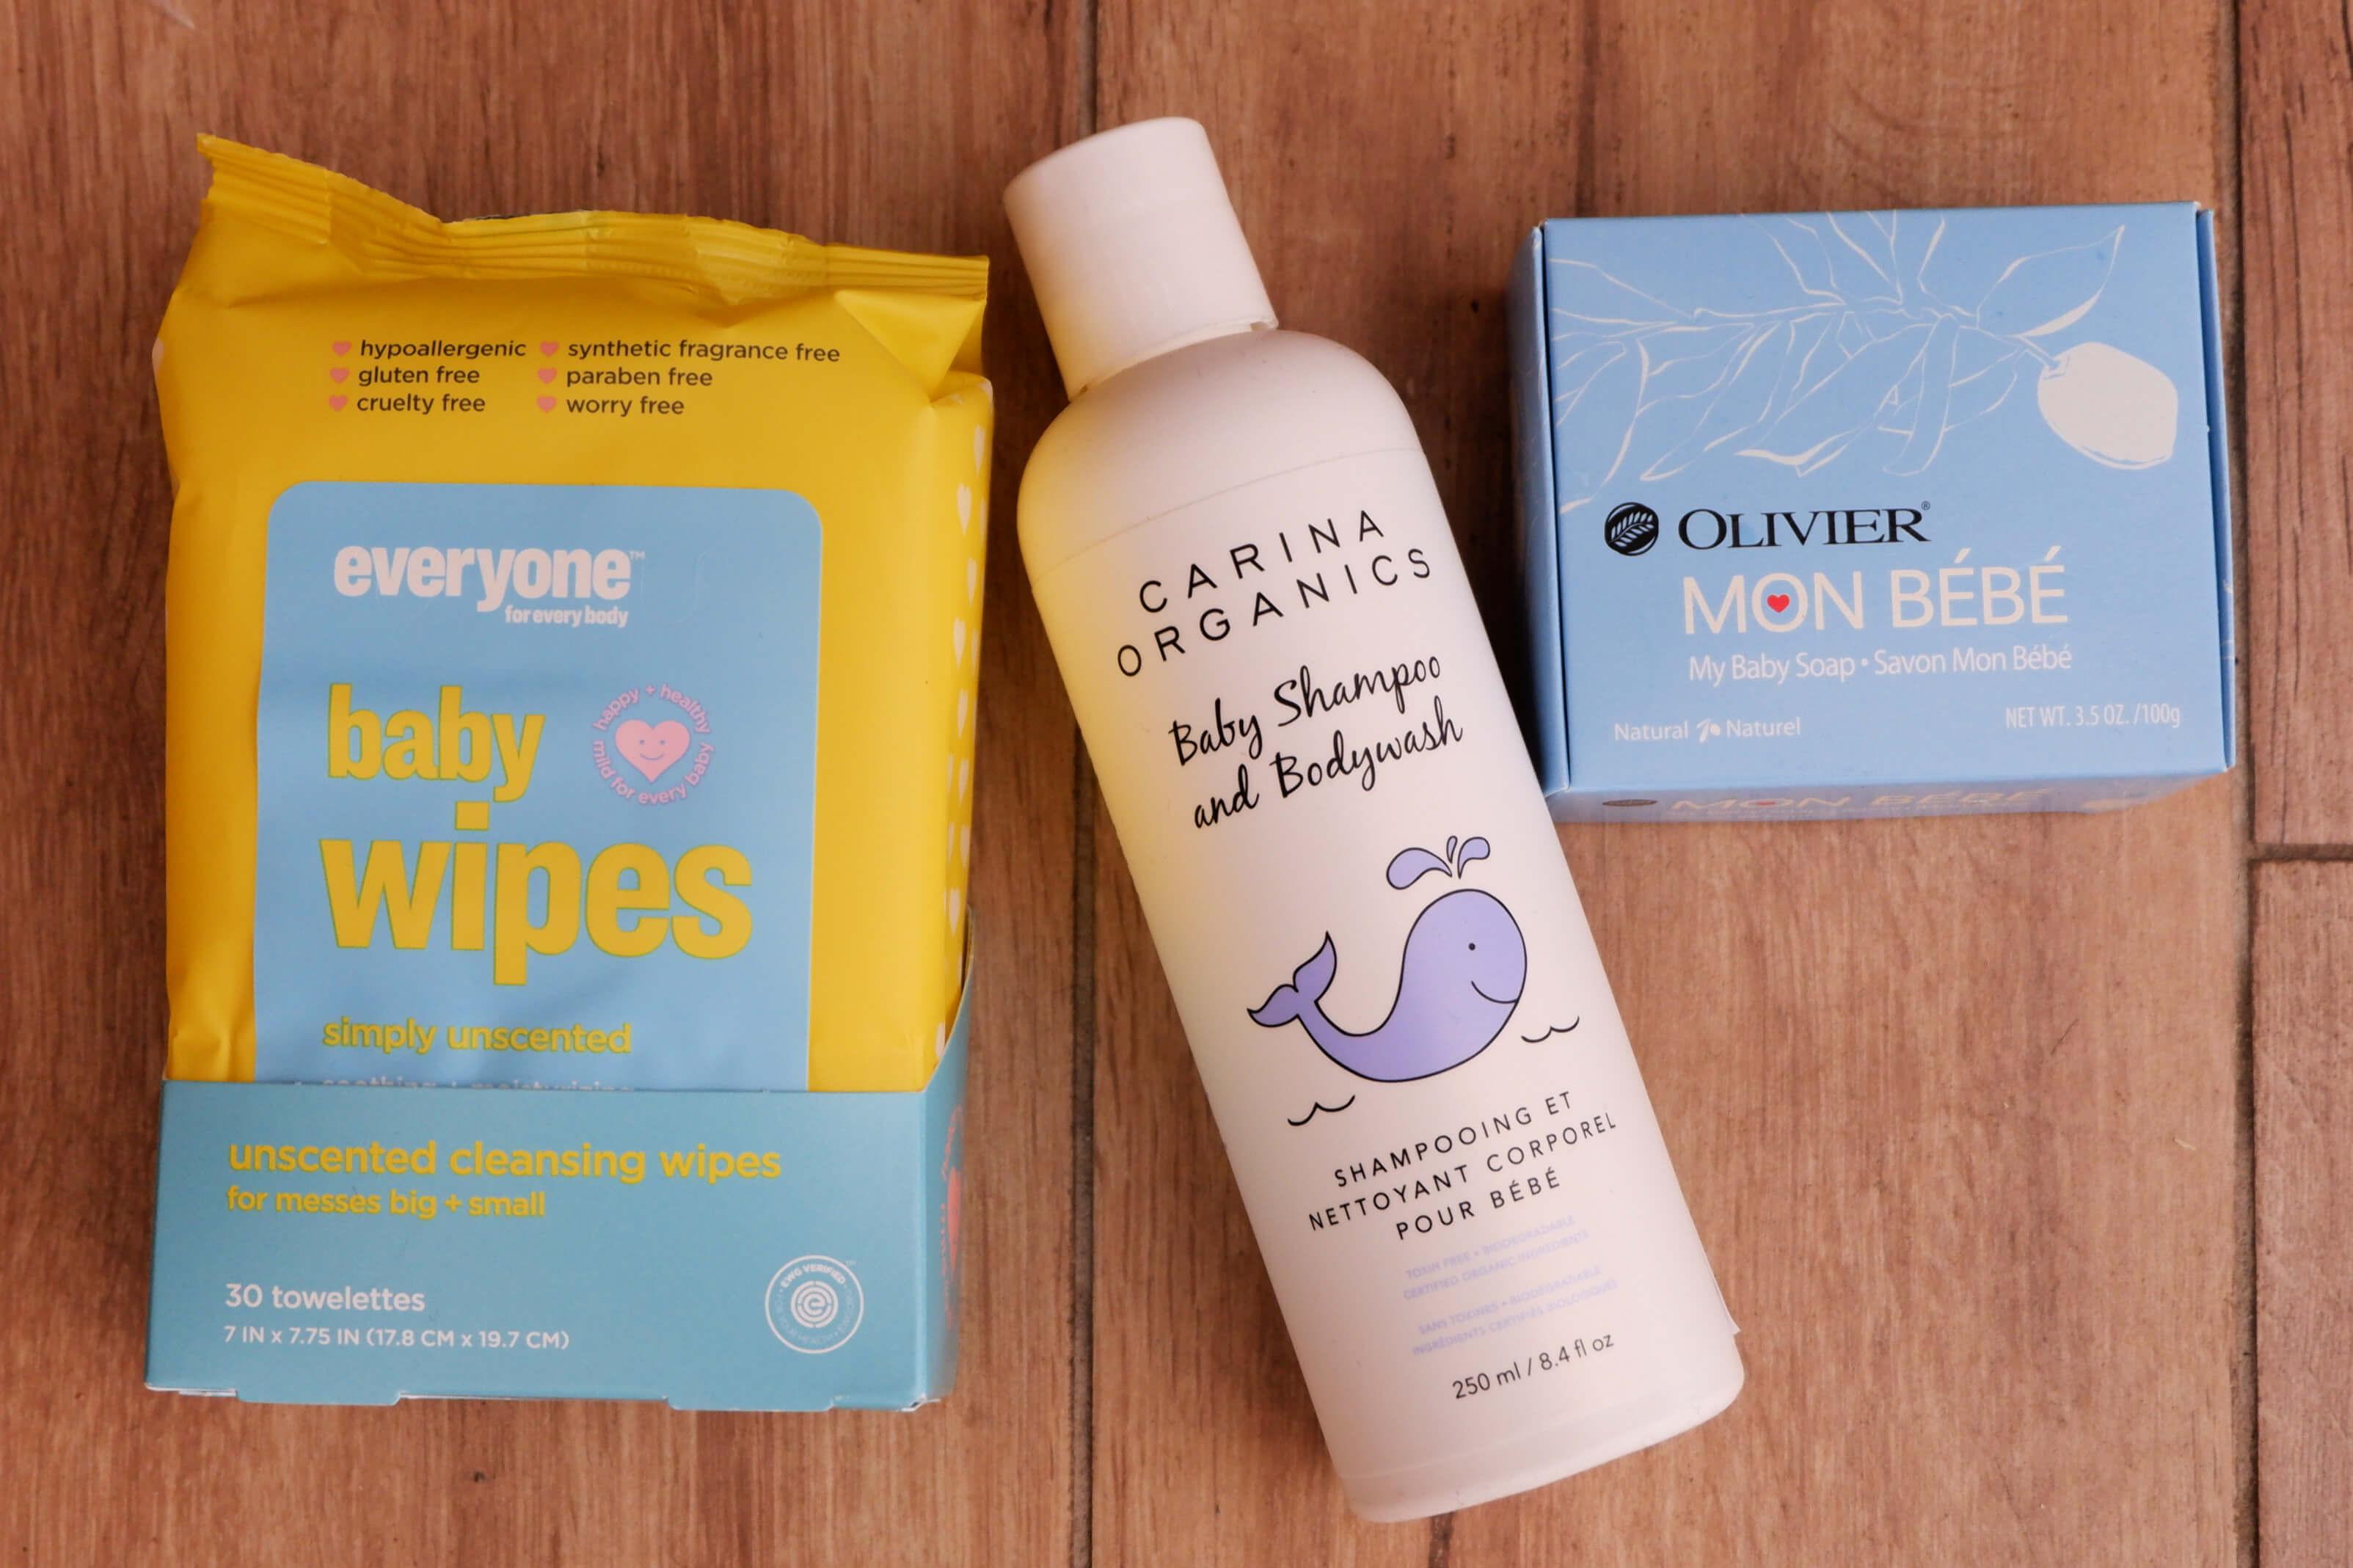 sequioa downtown olivier baby soap gift idea shop local moncton riverview dieppe